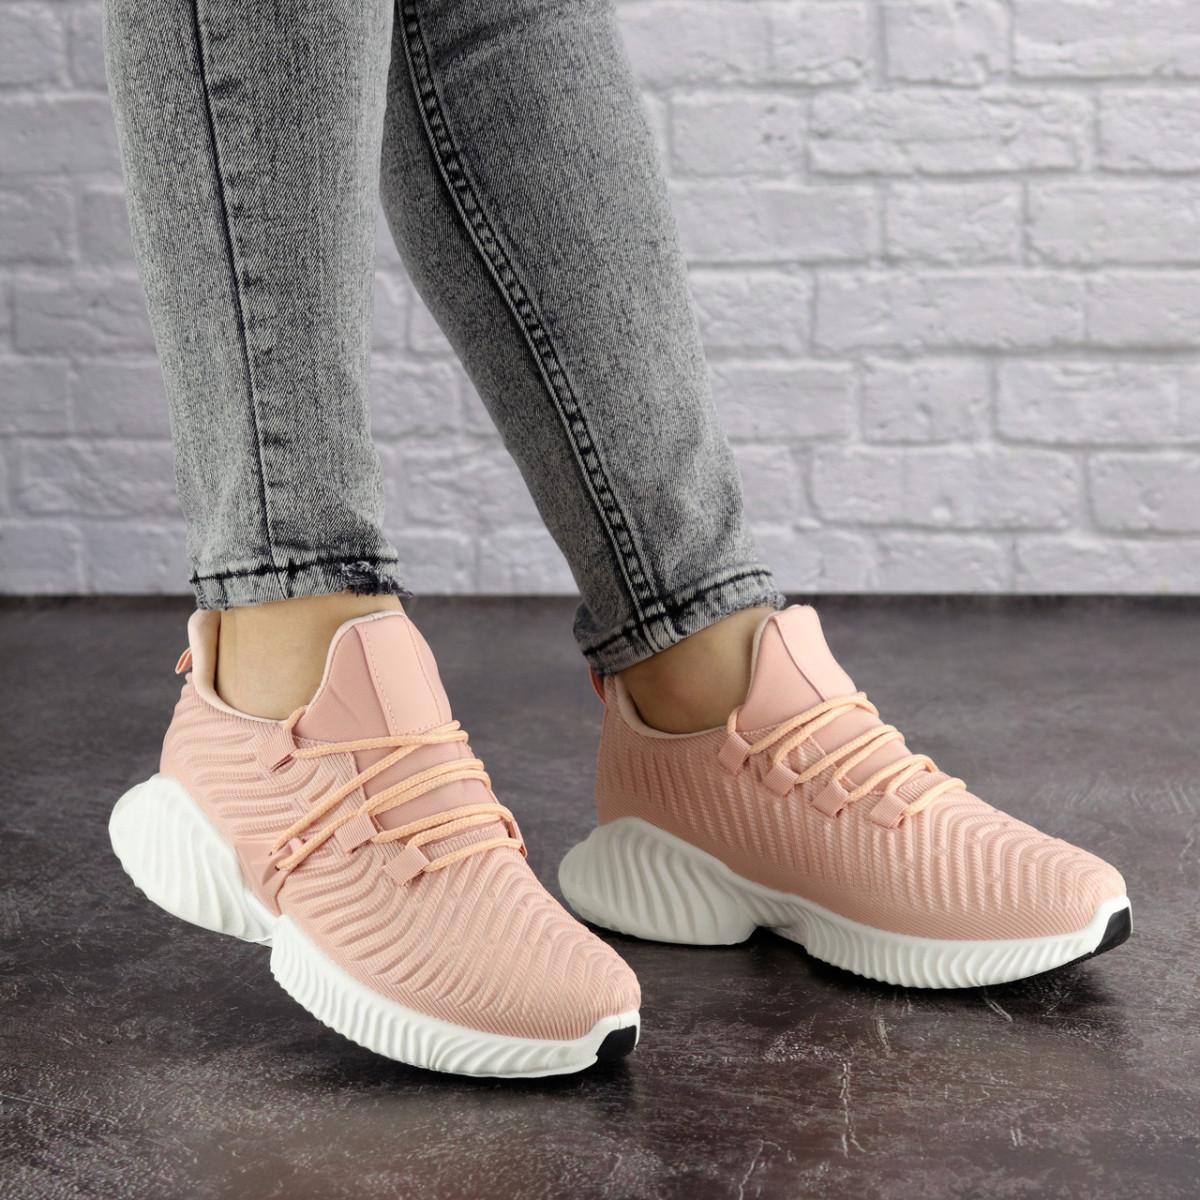 Женские пудровые кроссовки Pink 1129 (39 размер)